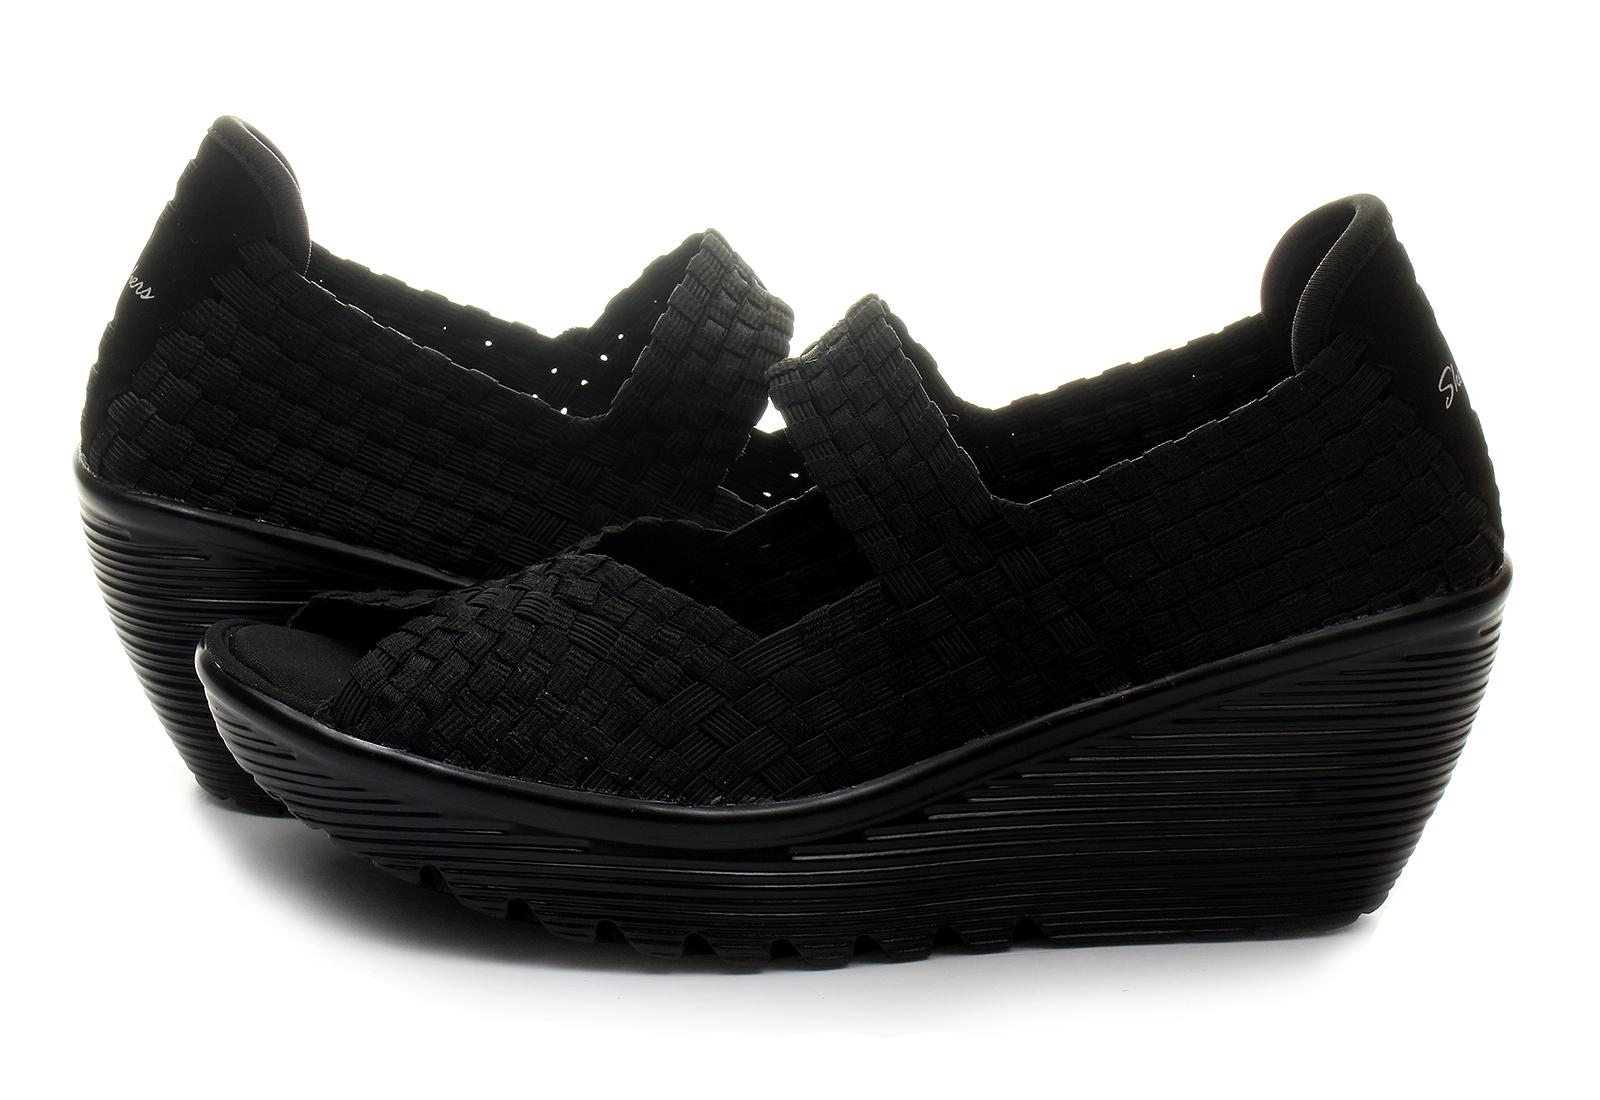 2b58179a61d9 Skechers Slip-on - Midsummers Weave - 38522-bbk - Online shop for ...